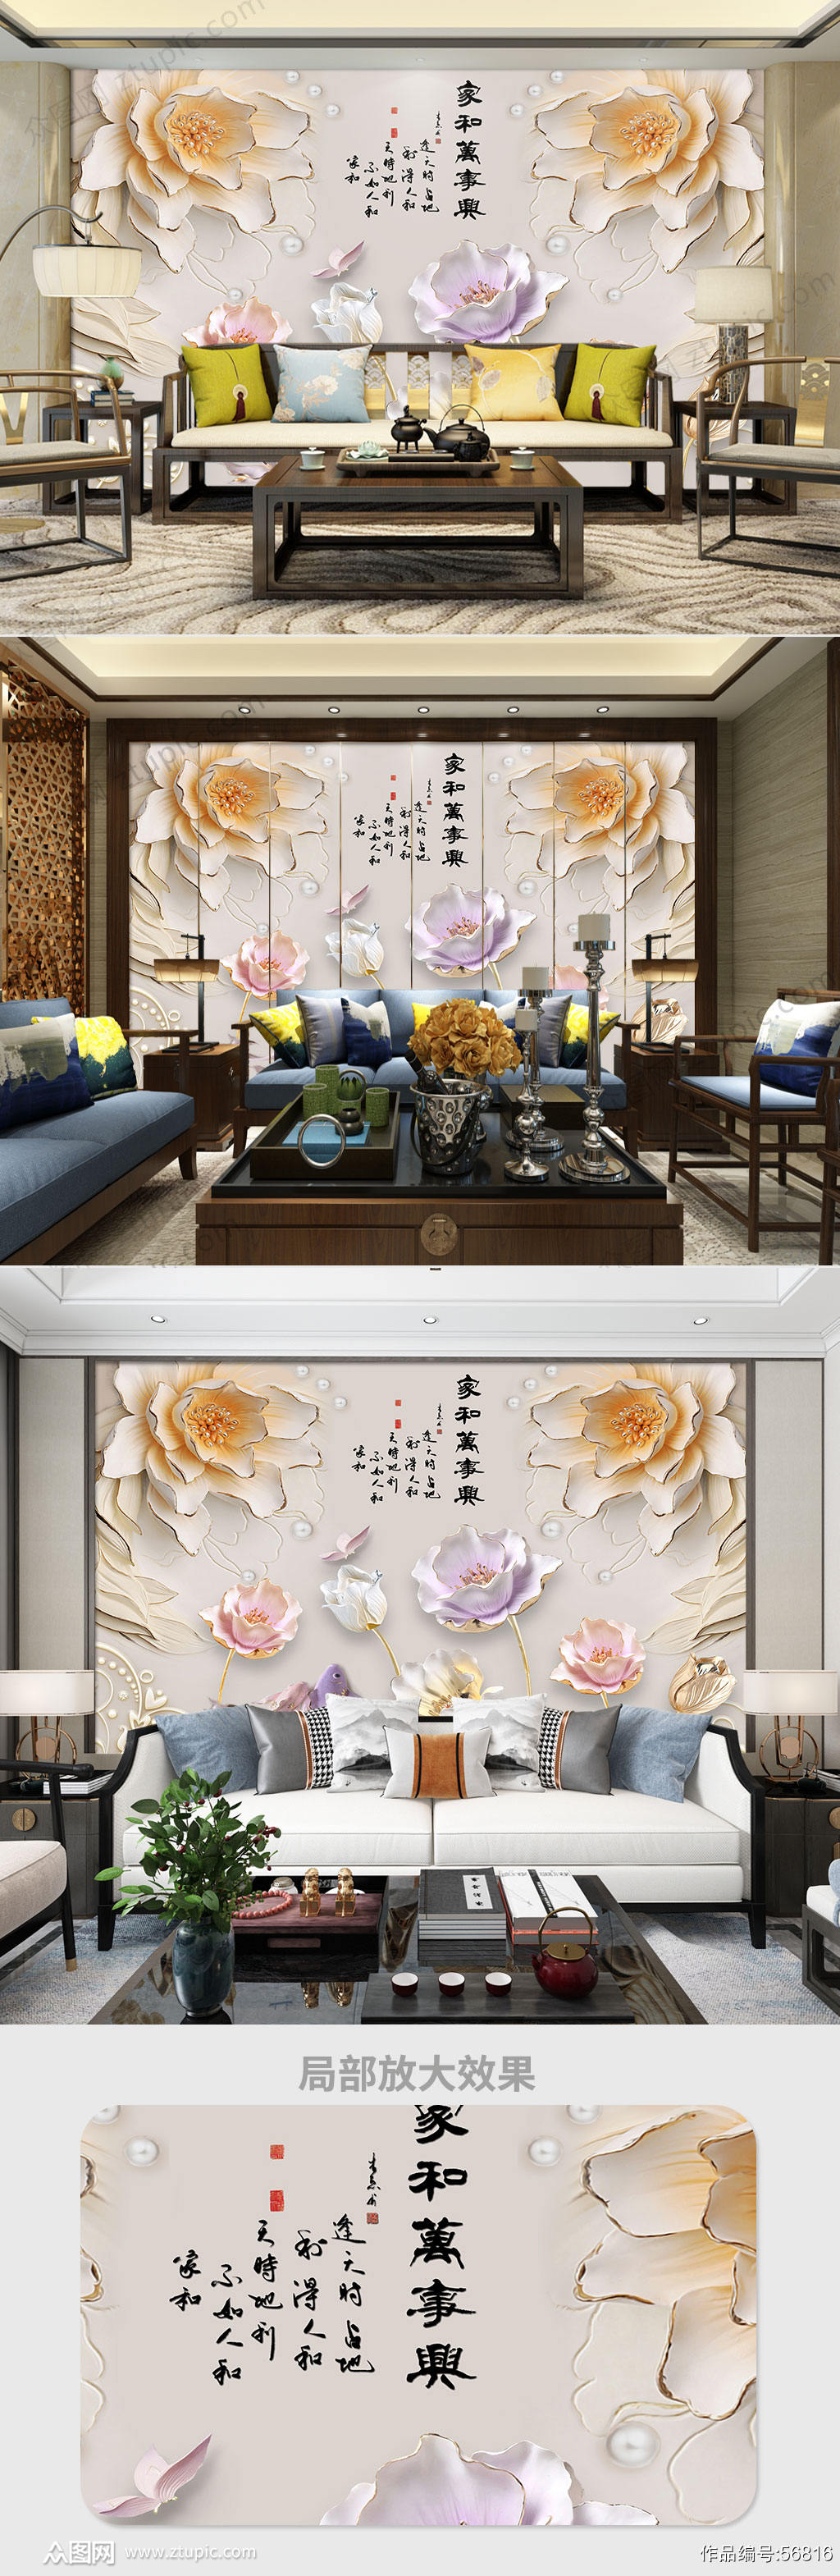 浮雕荷花花朵背景墙素材